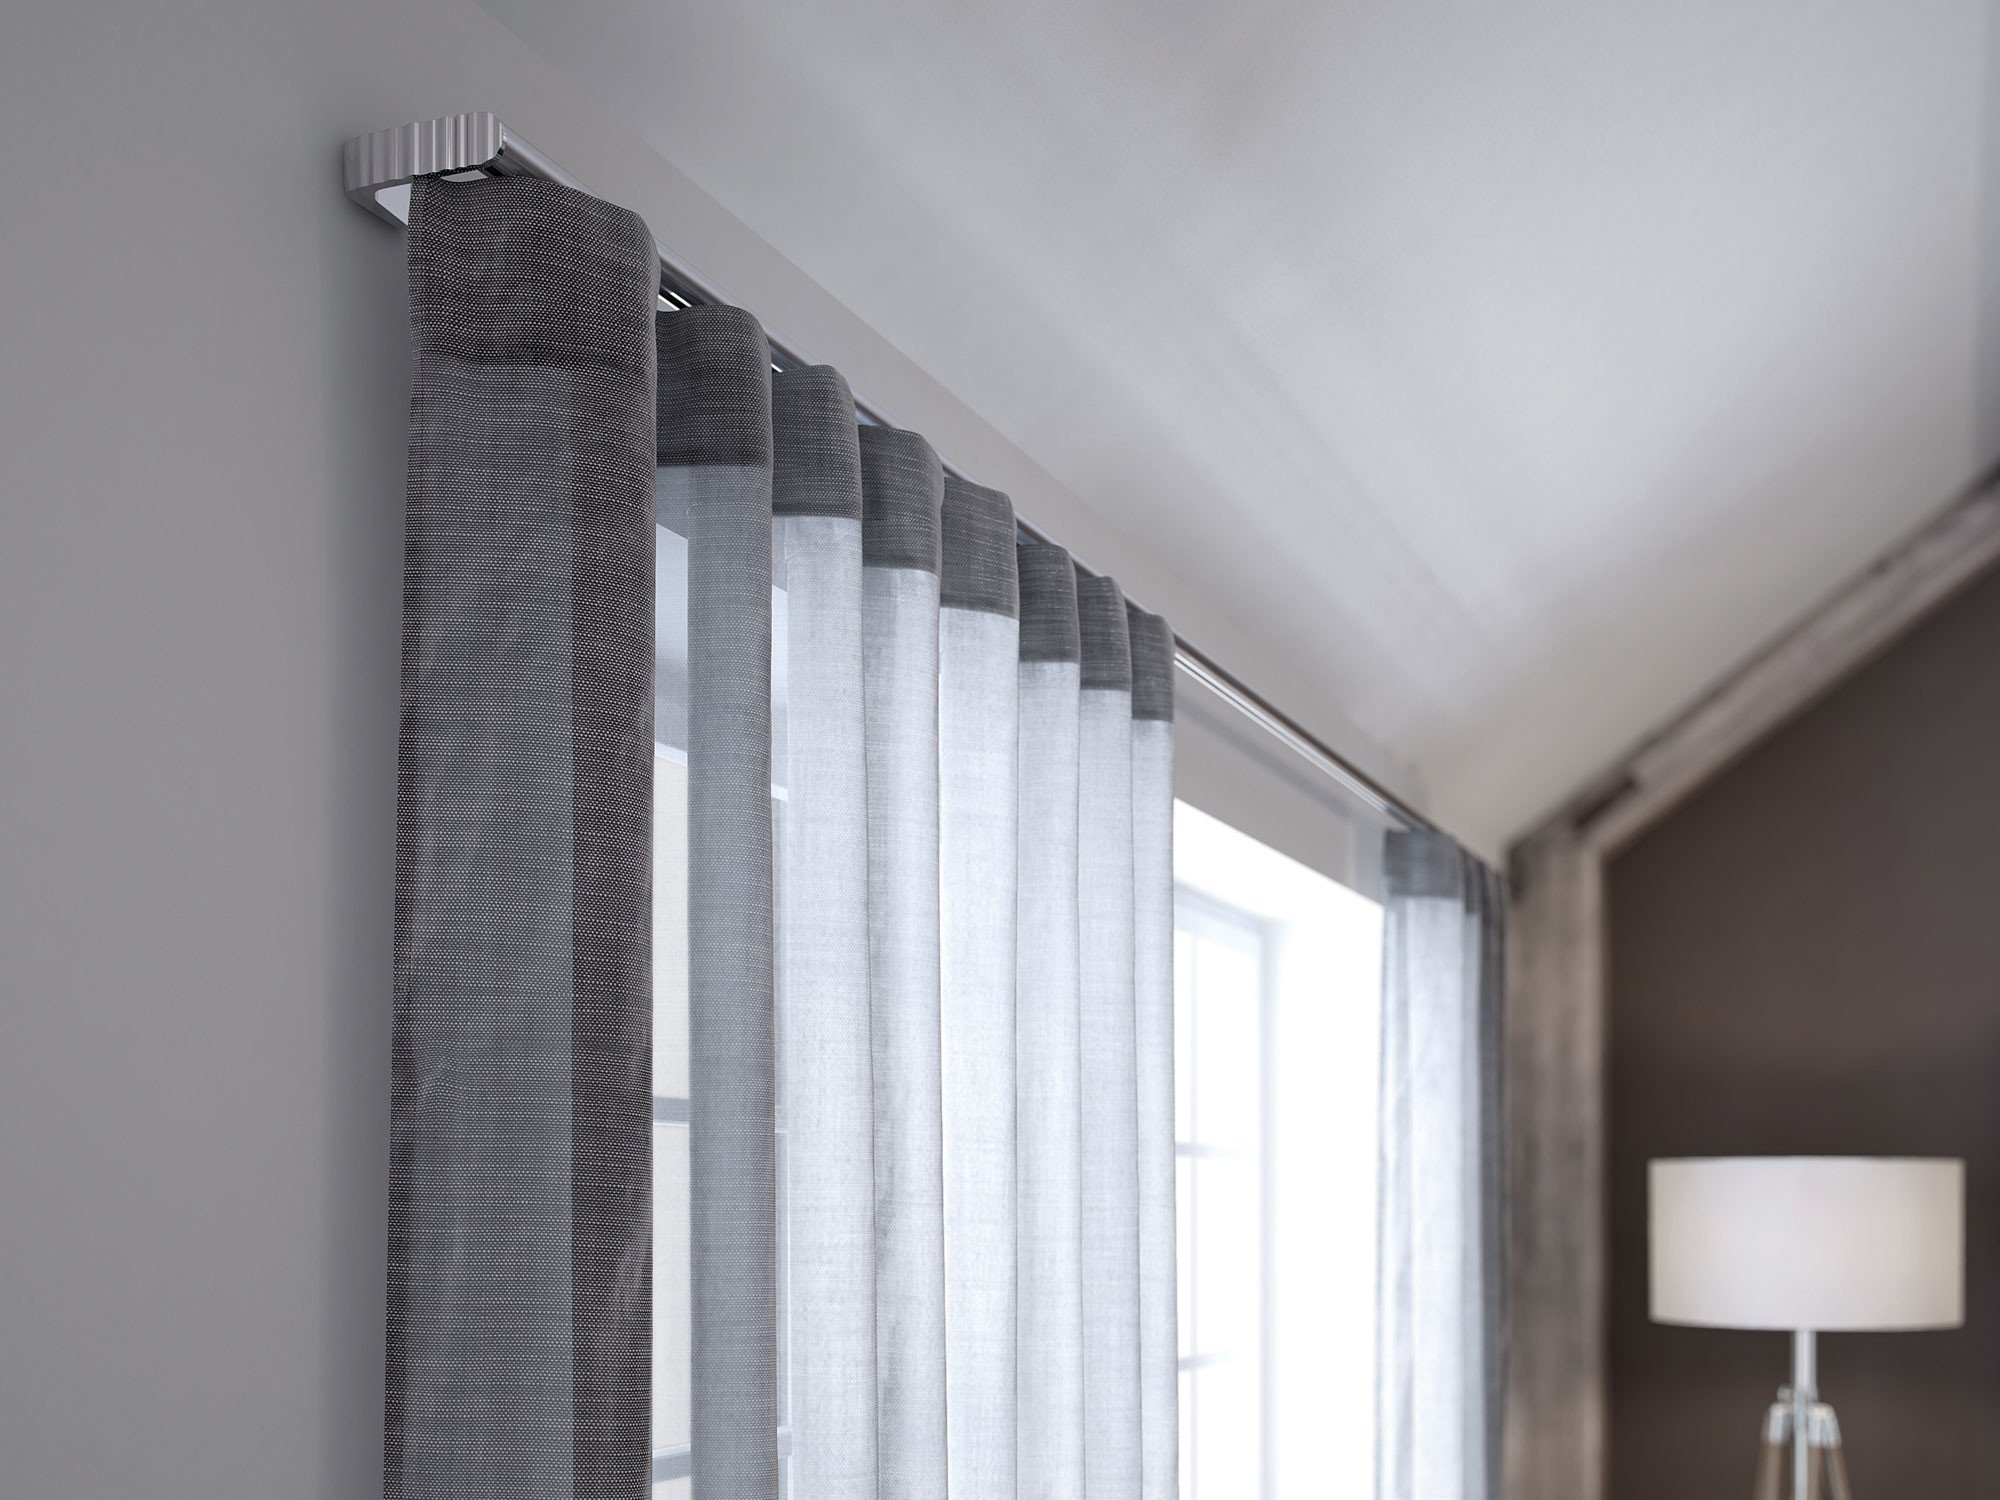 vorh nge sonnenschutz textilien baunetz wissen. Black Bedroom Furniture Sets. Home Design Ideas